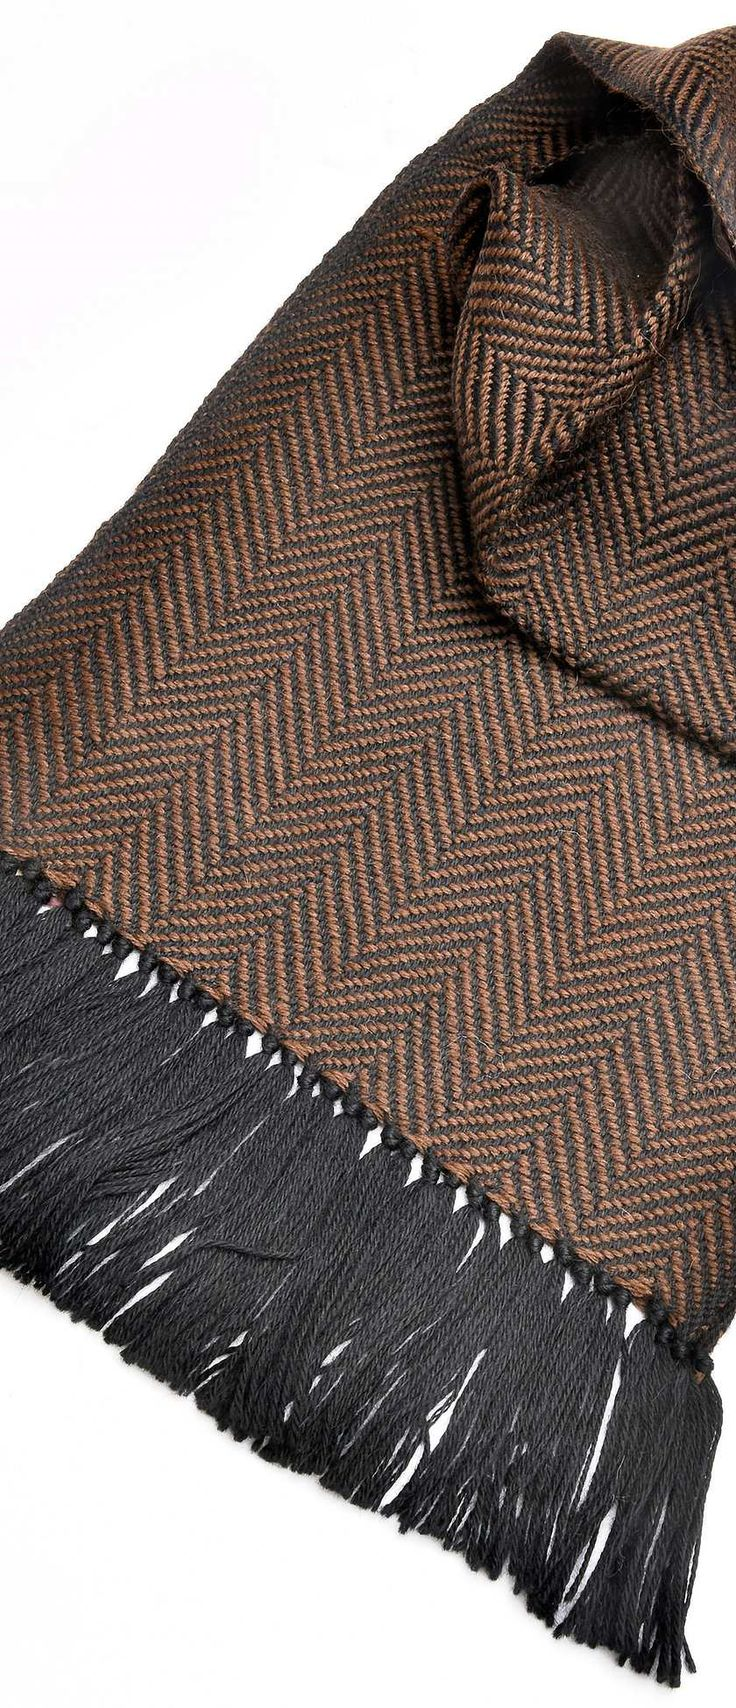 Mucros Handwoven Alpaca Scarf - Black/Chocolate Herringbone | Irish Inspiration